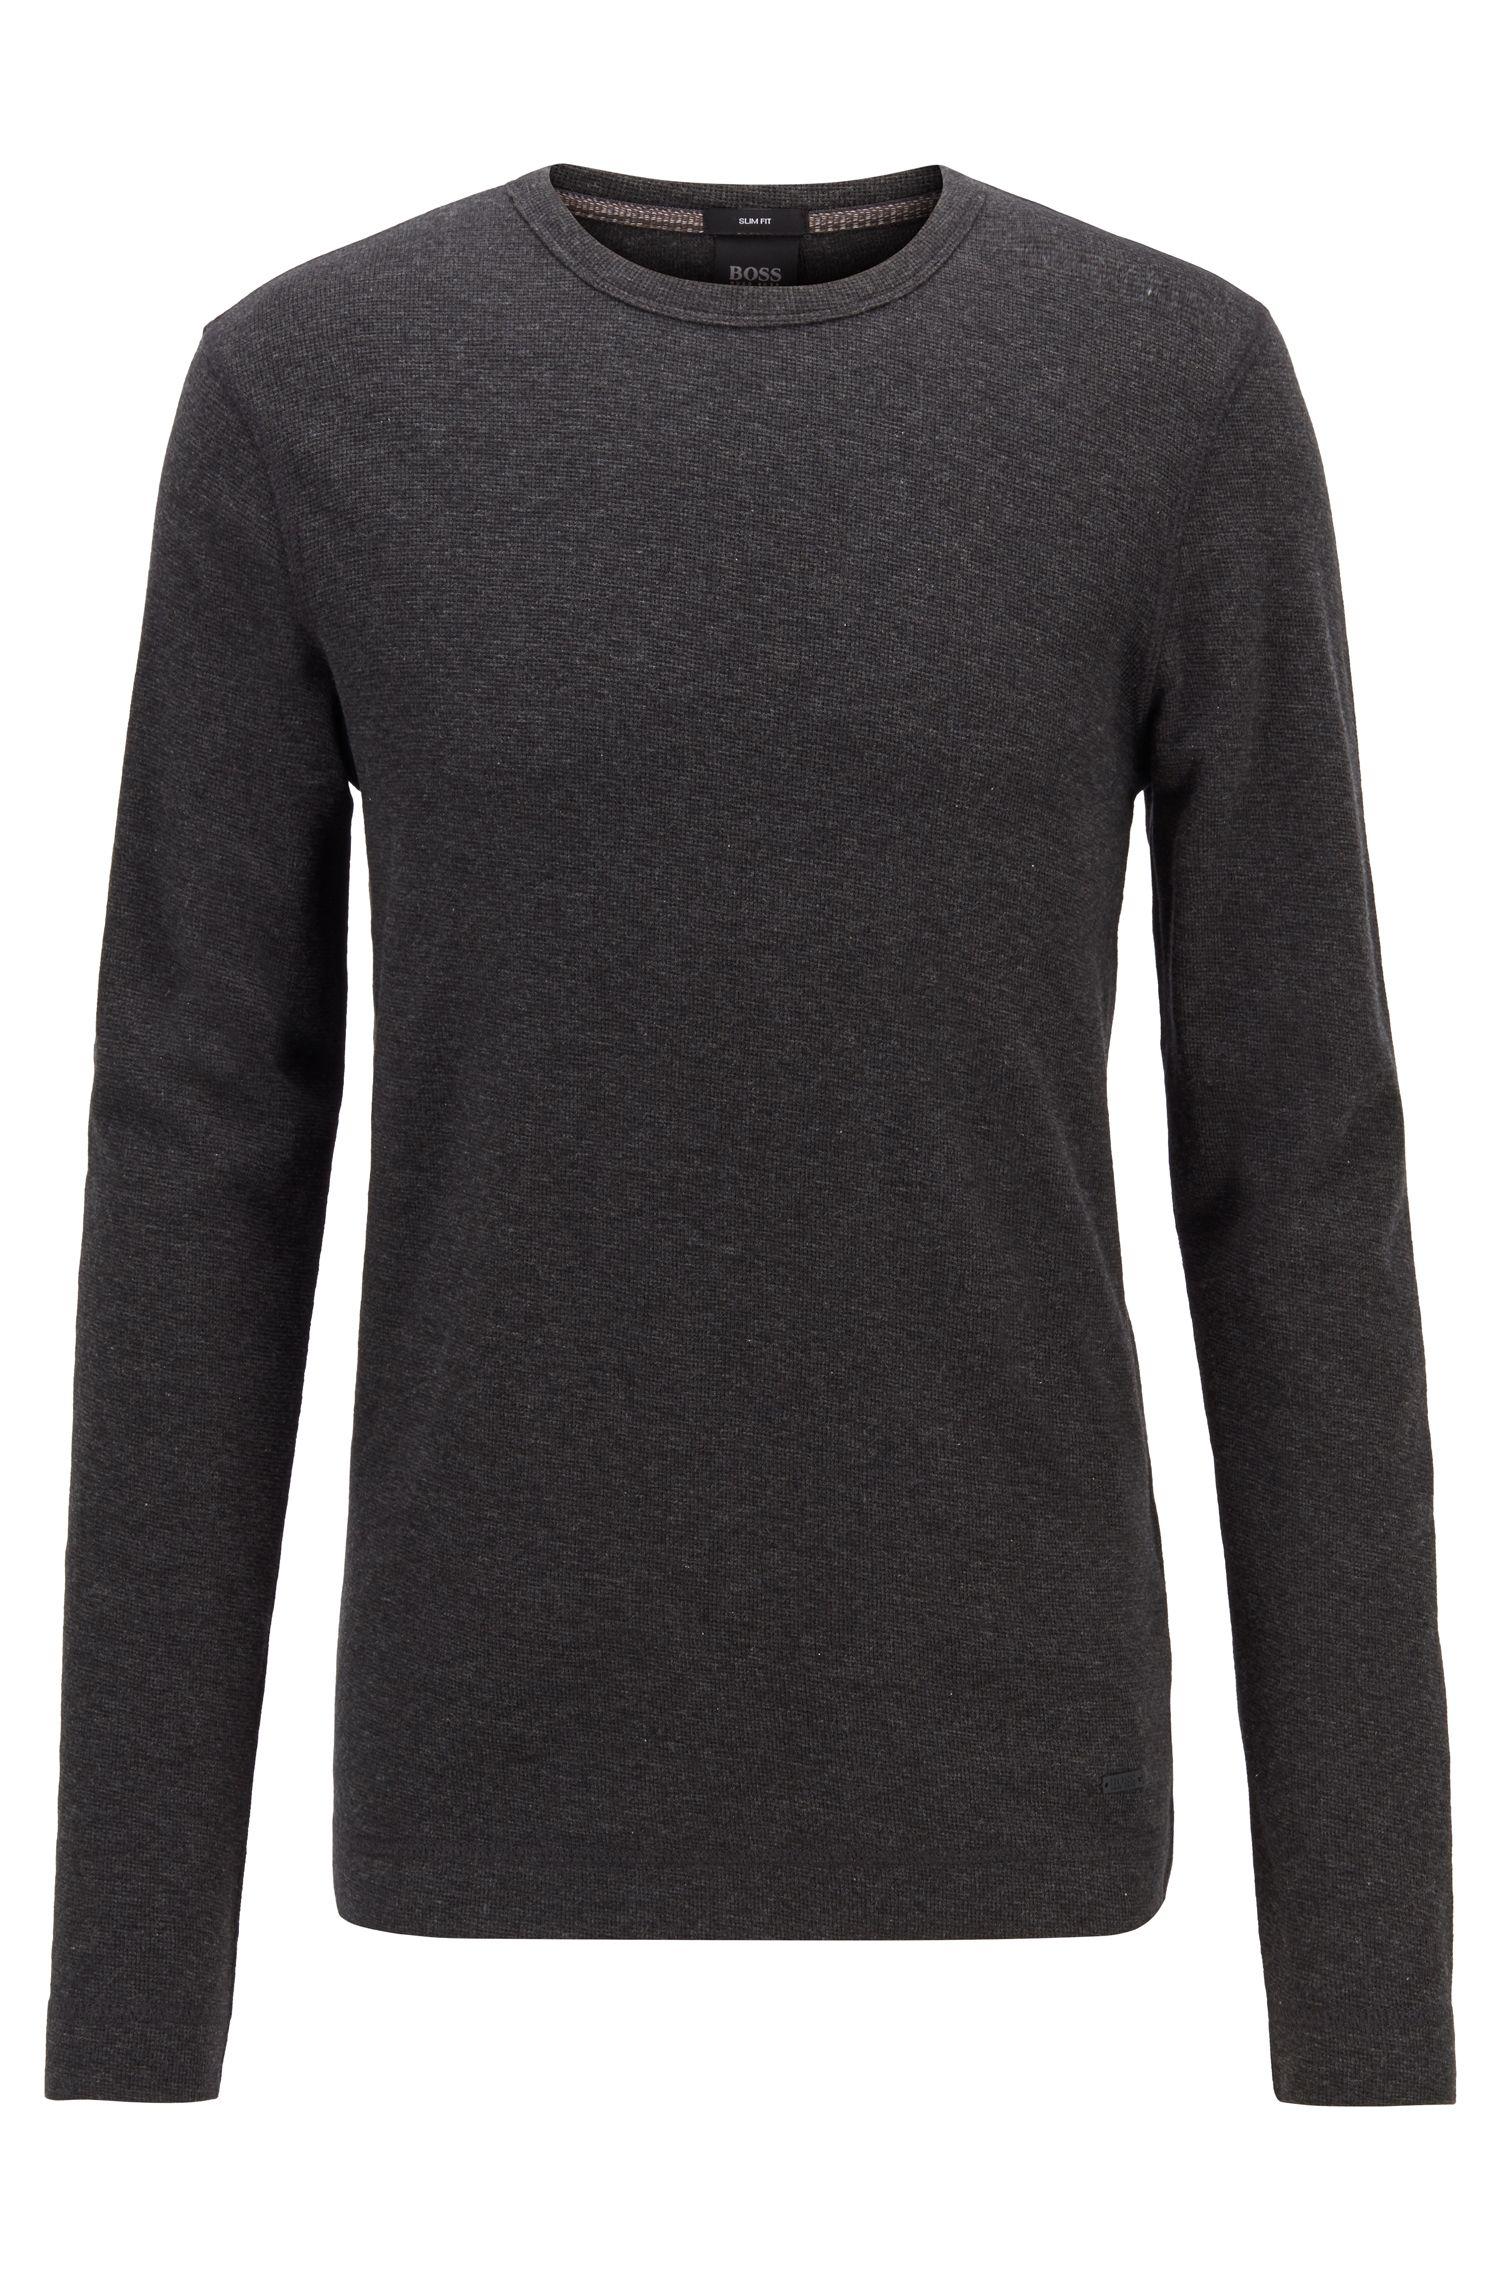 T-shirt Slim Fit à manches longues en coton gaufré, Noir